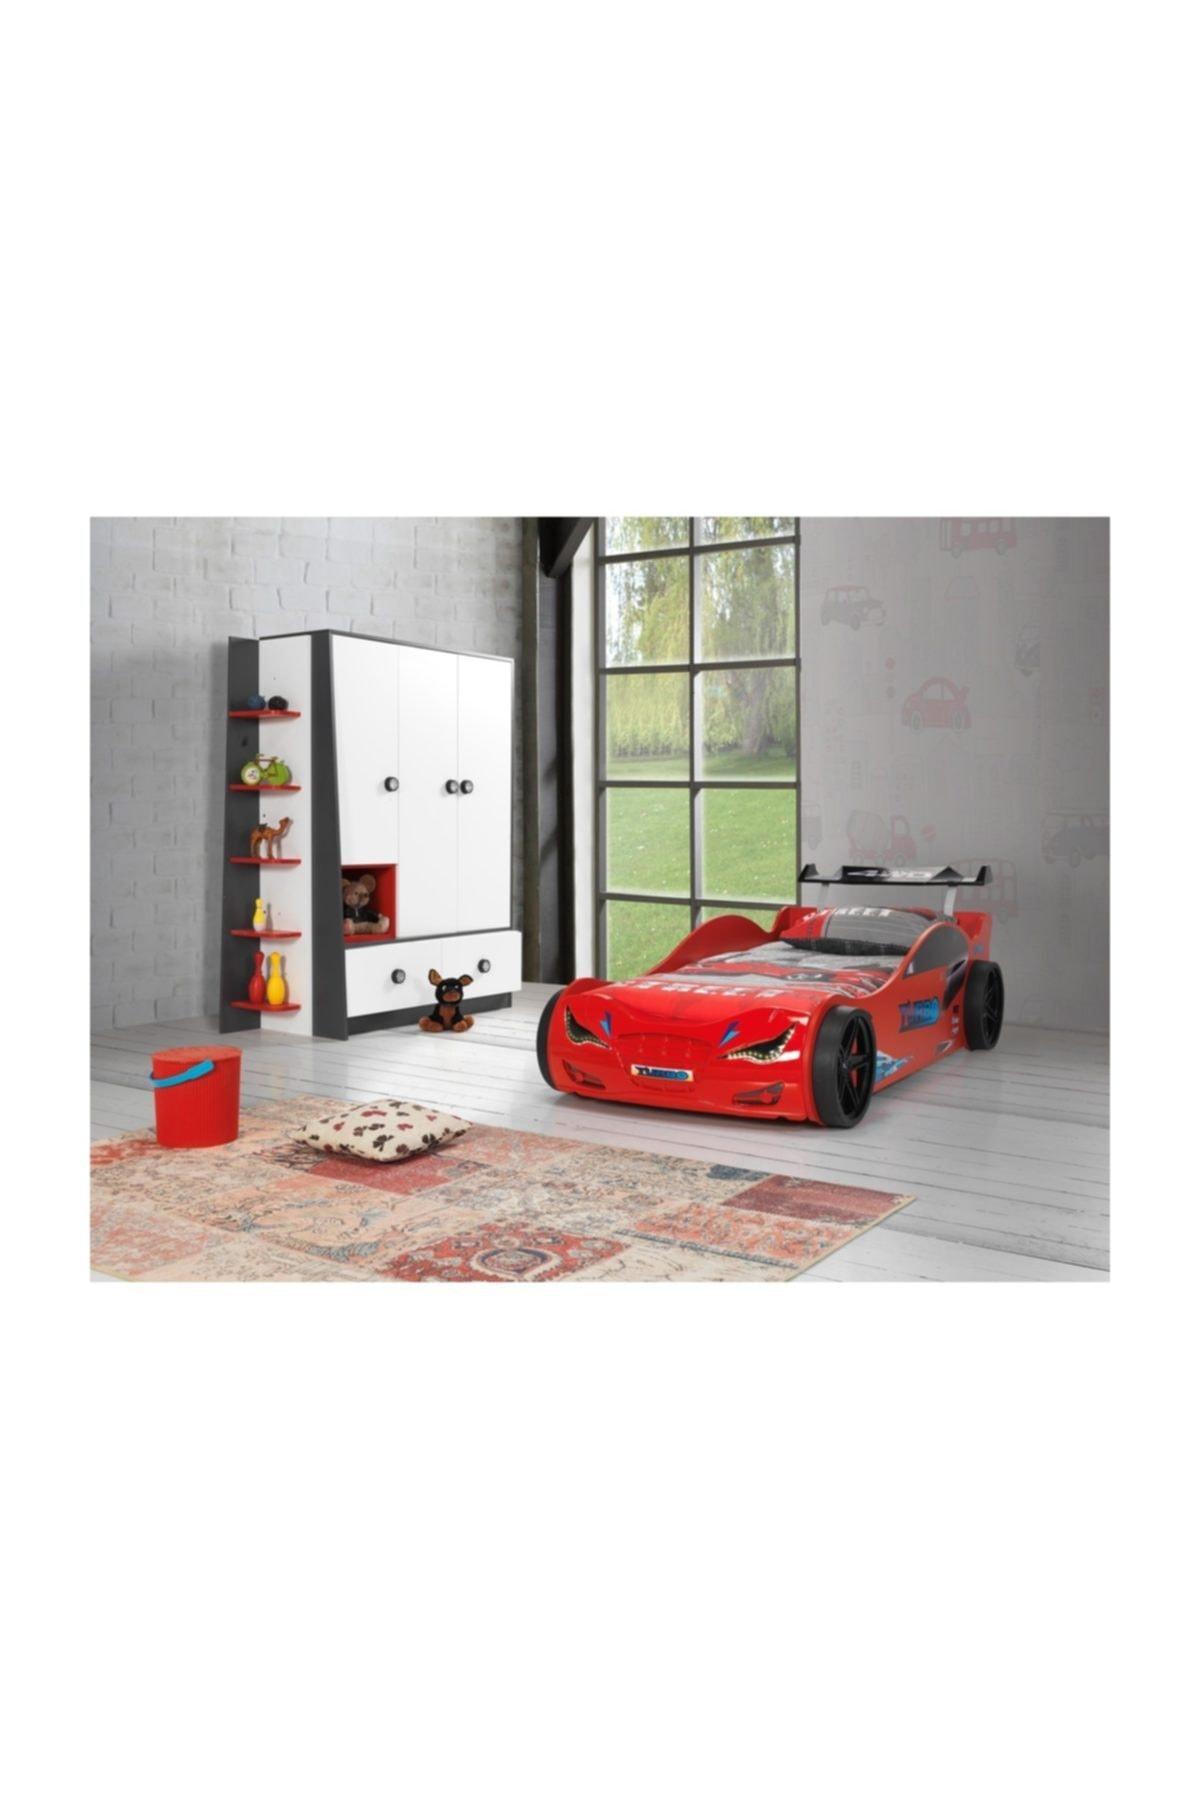 Setay Süpers Arabalı Yatak Kırmızı 1